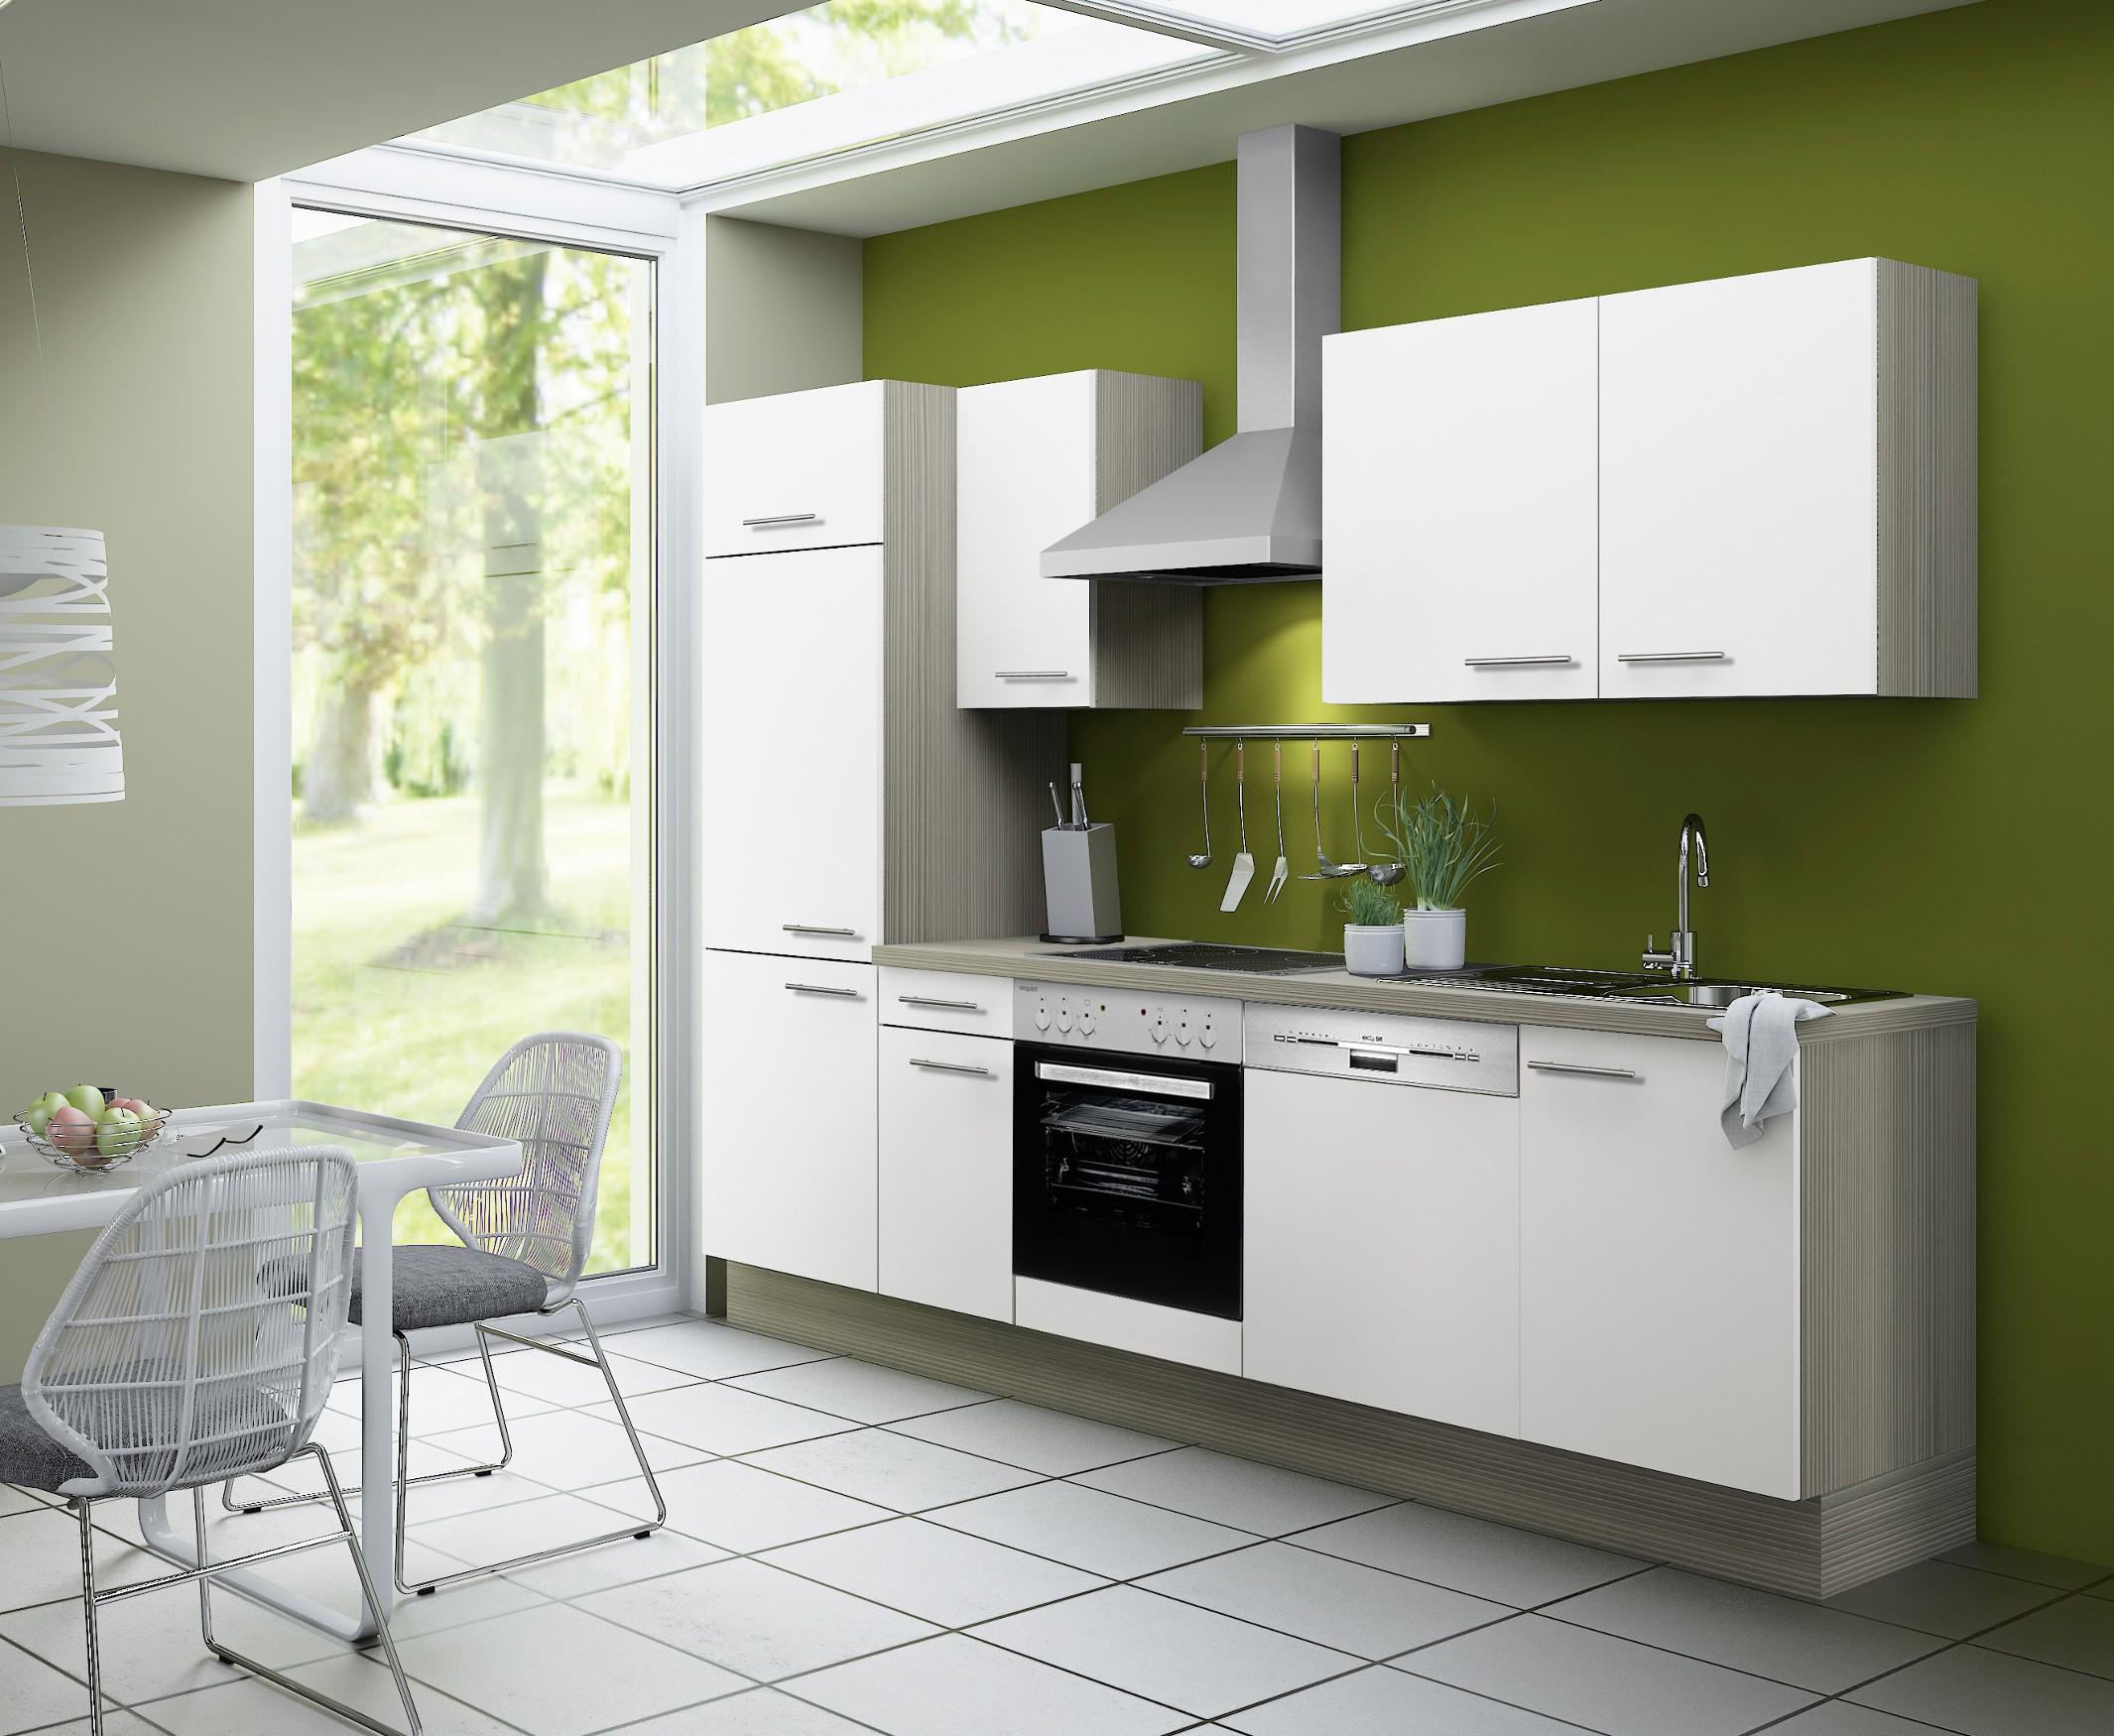 k chenzeile cadiz vario 1 1 k che mit e ger ten breite 270 cm wei k che k chenzeilen. Black Bedroom Furniture Sets. Home Design Ideas